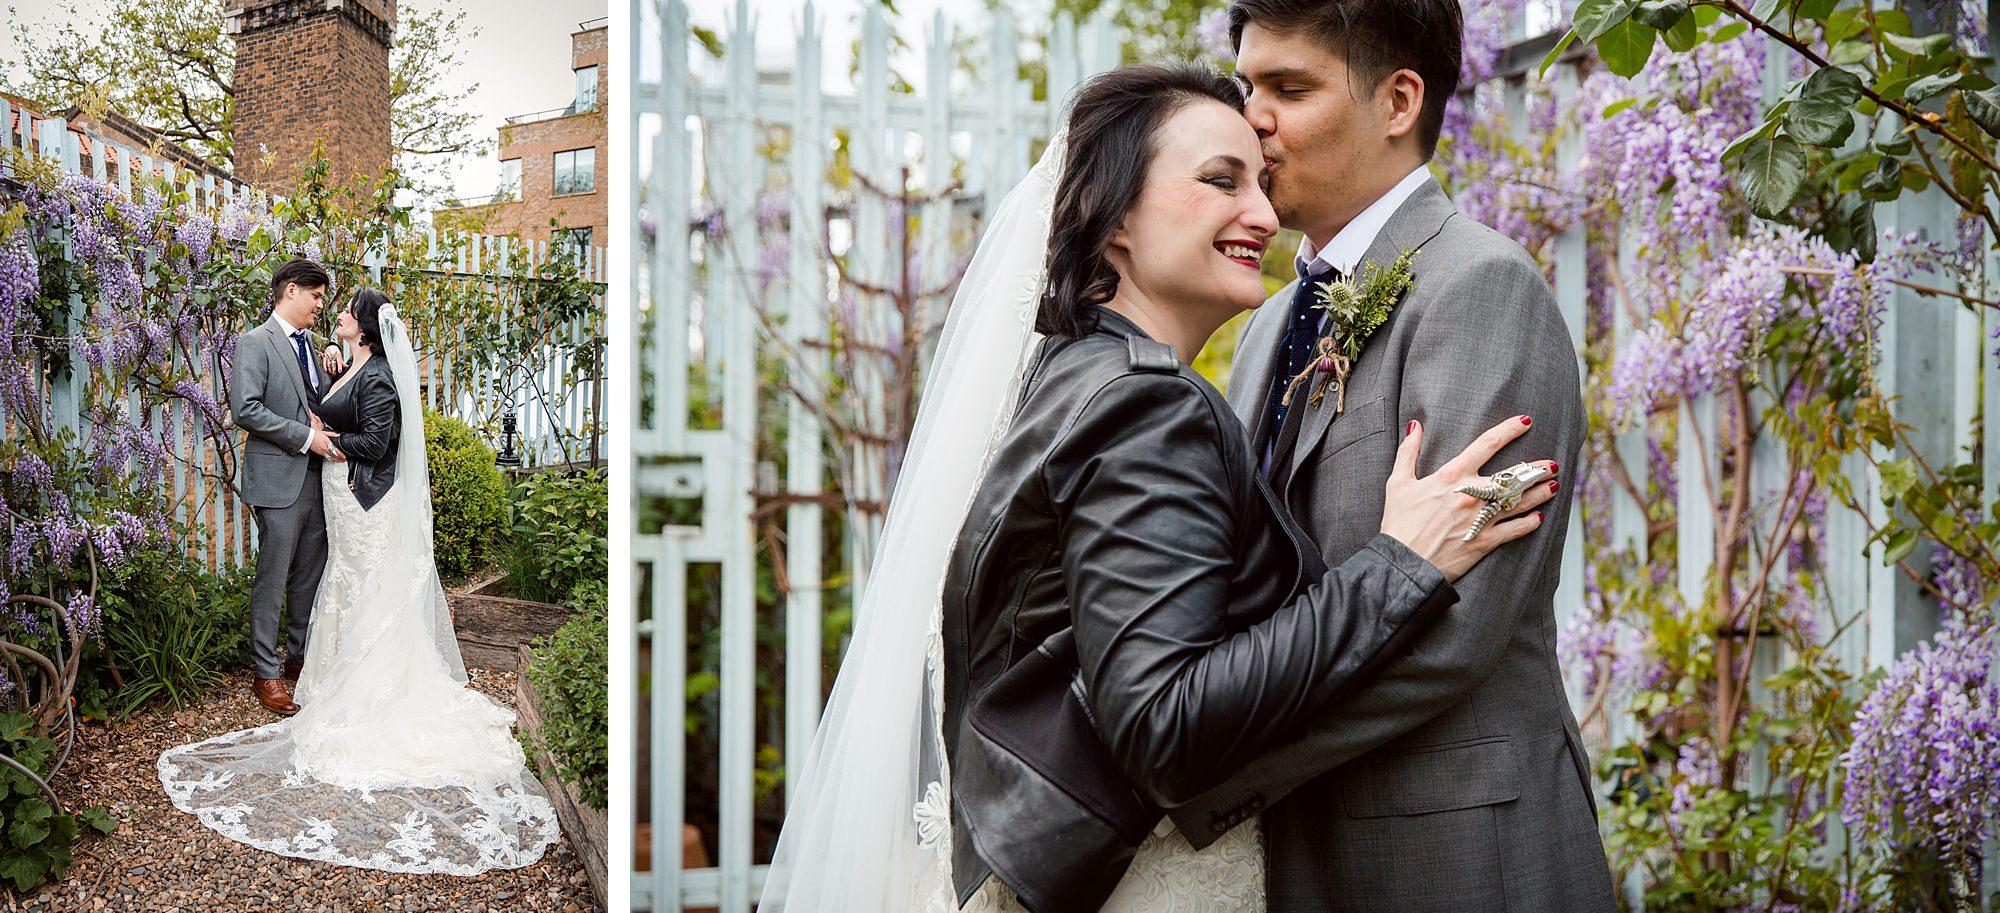 Brunel museum wedding bride and groom in garden